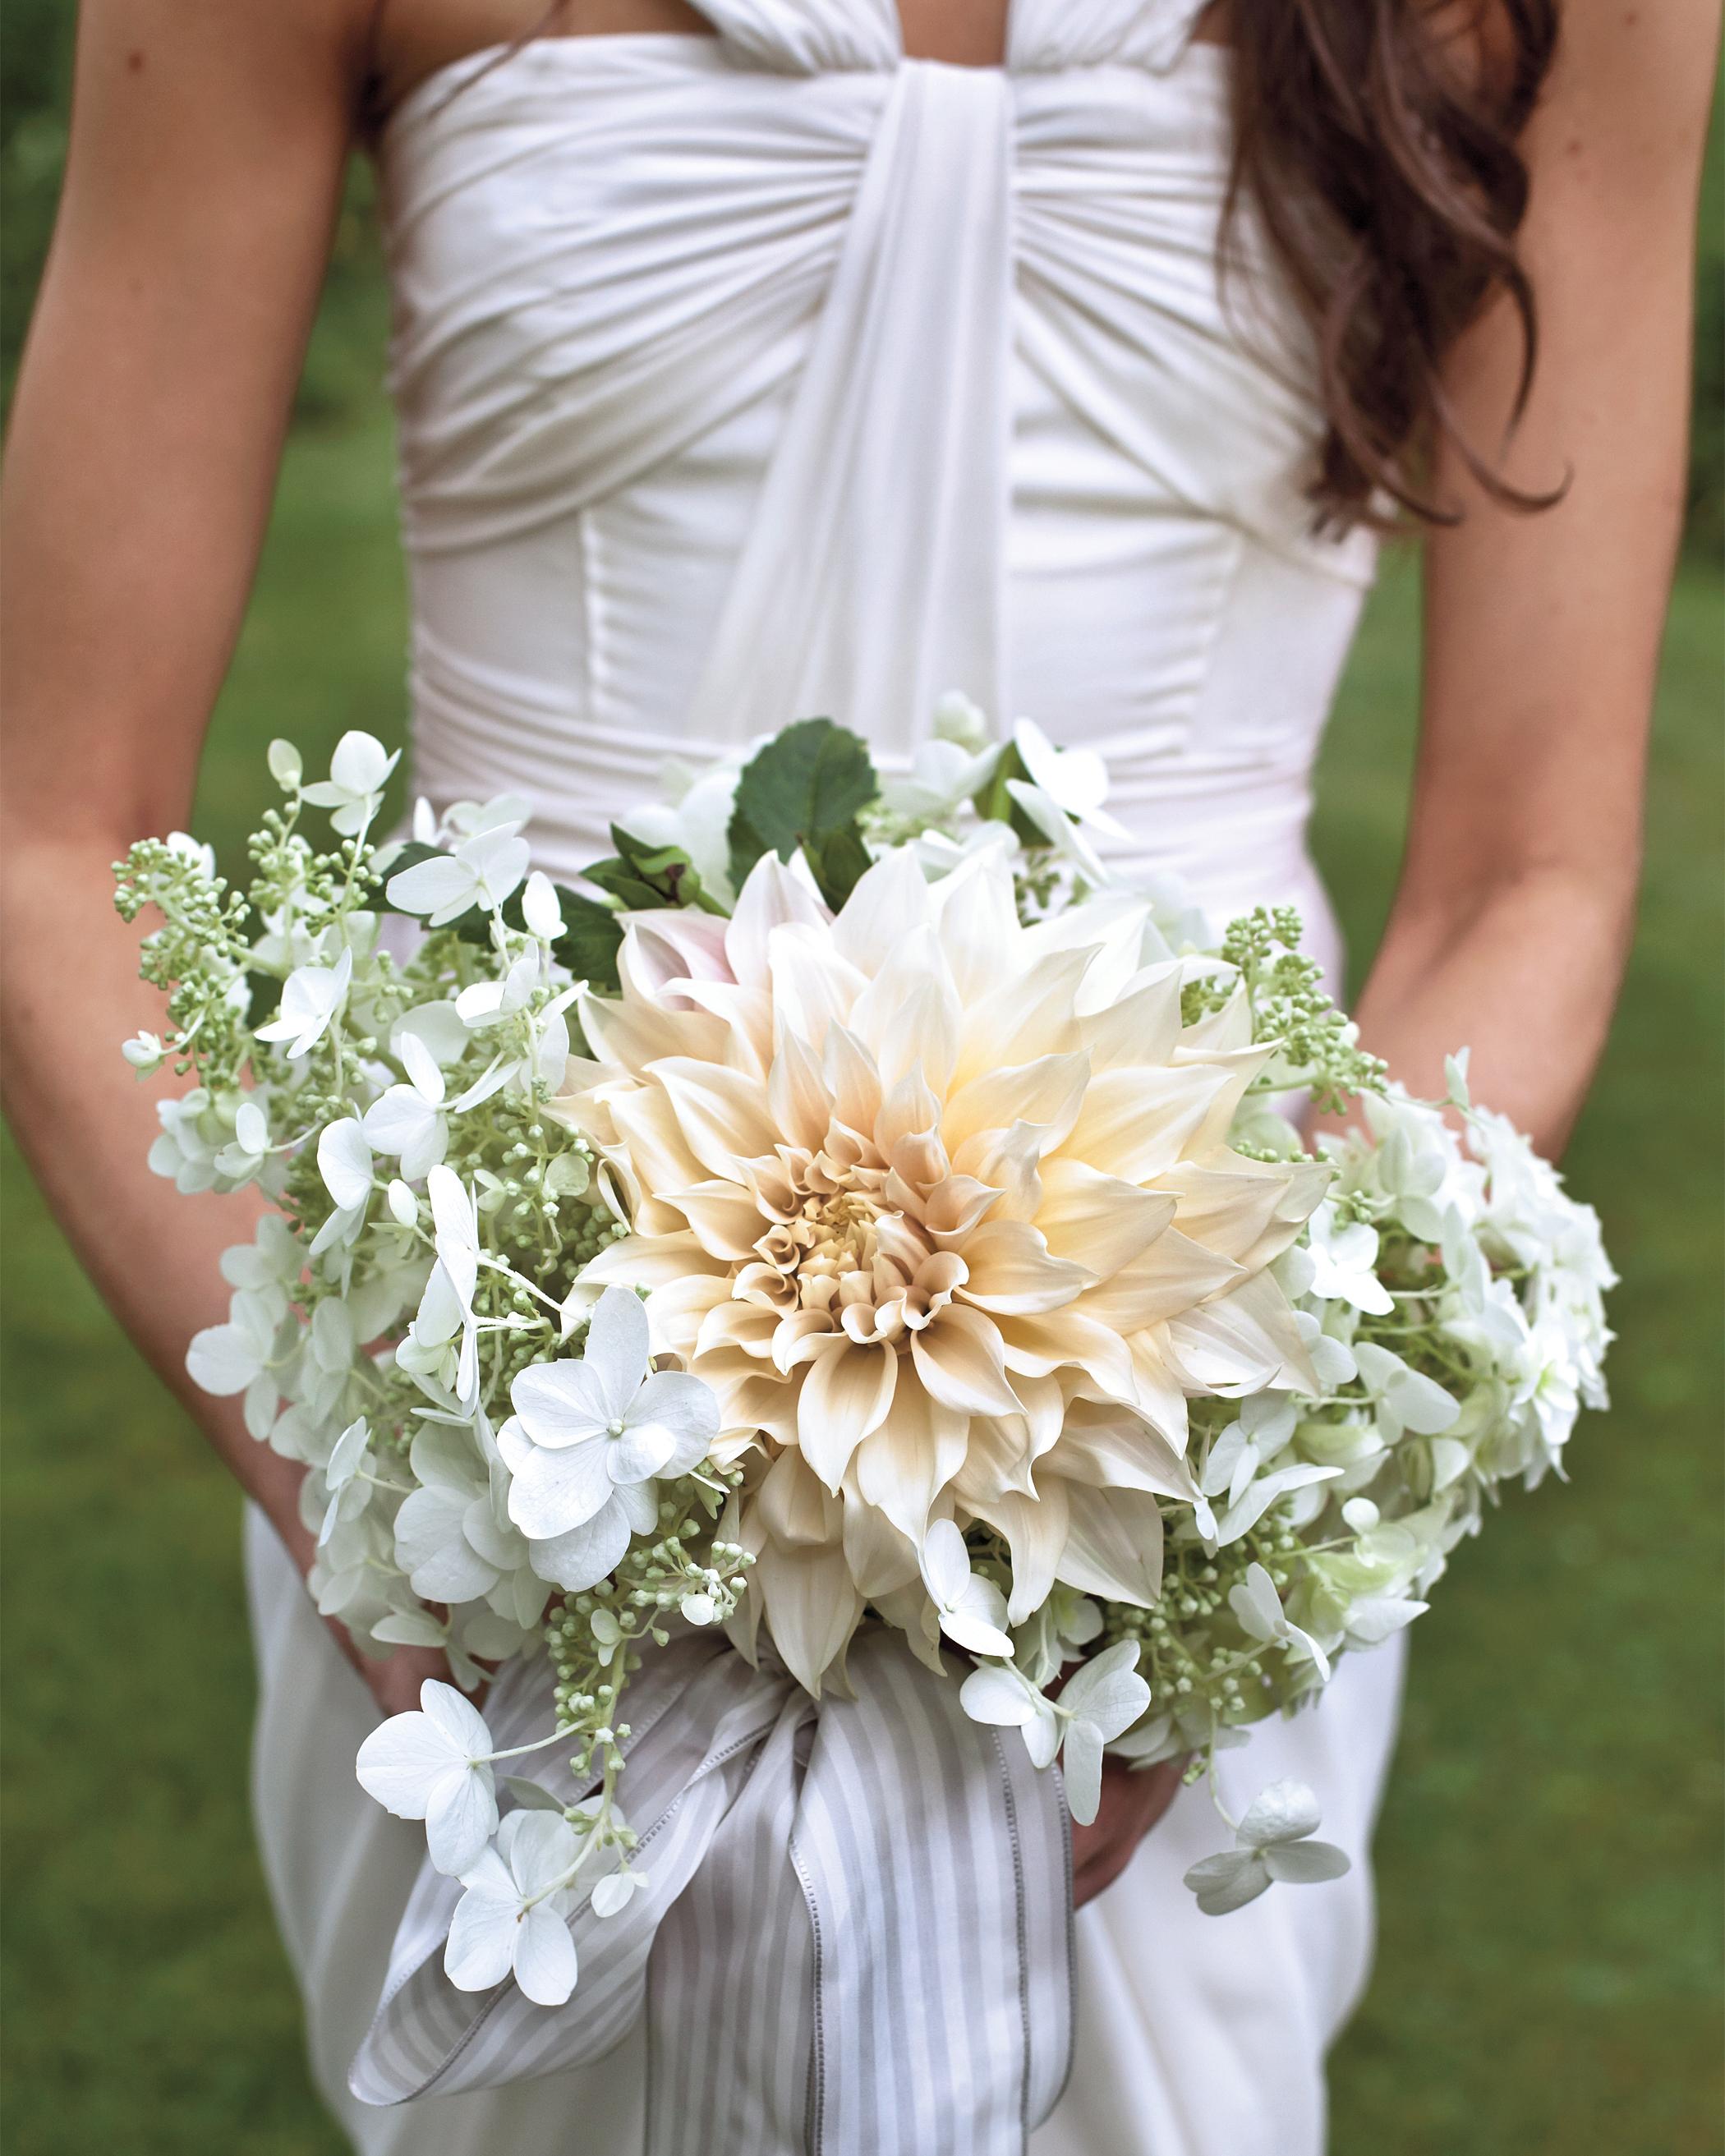 bouquet-0811mwd106246.jpg